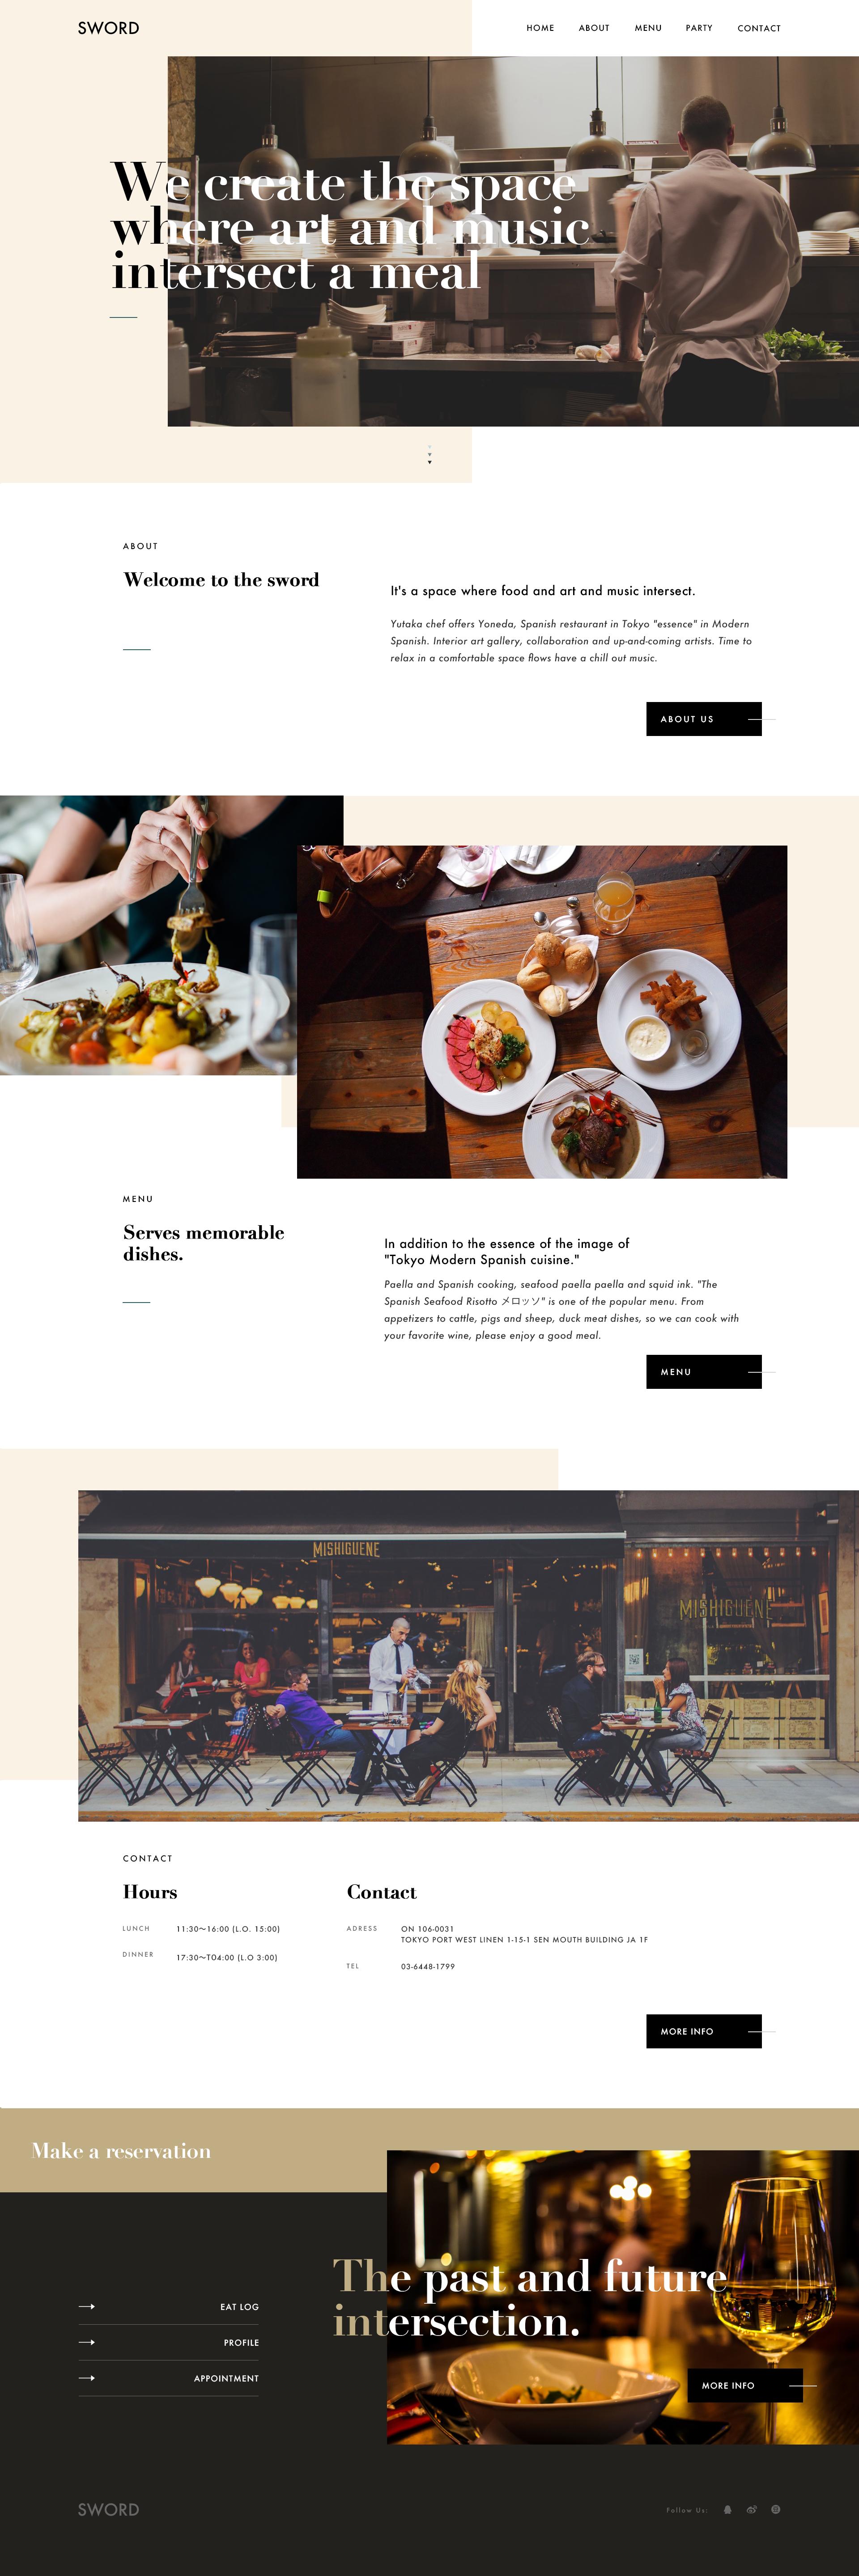 参考了国外一个餐厅的网页,初次通过分析网格系统对版面的设计元素与图片